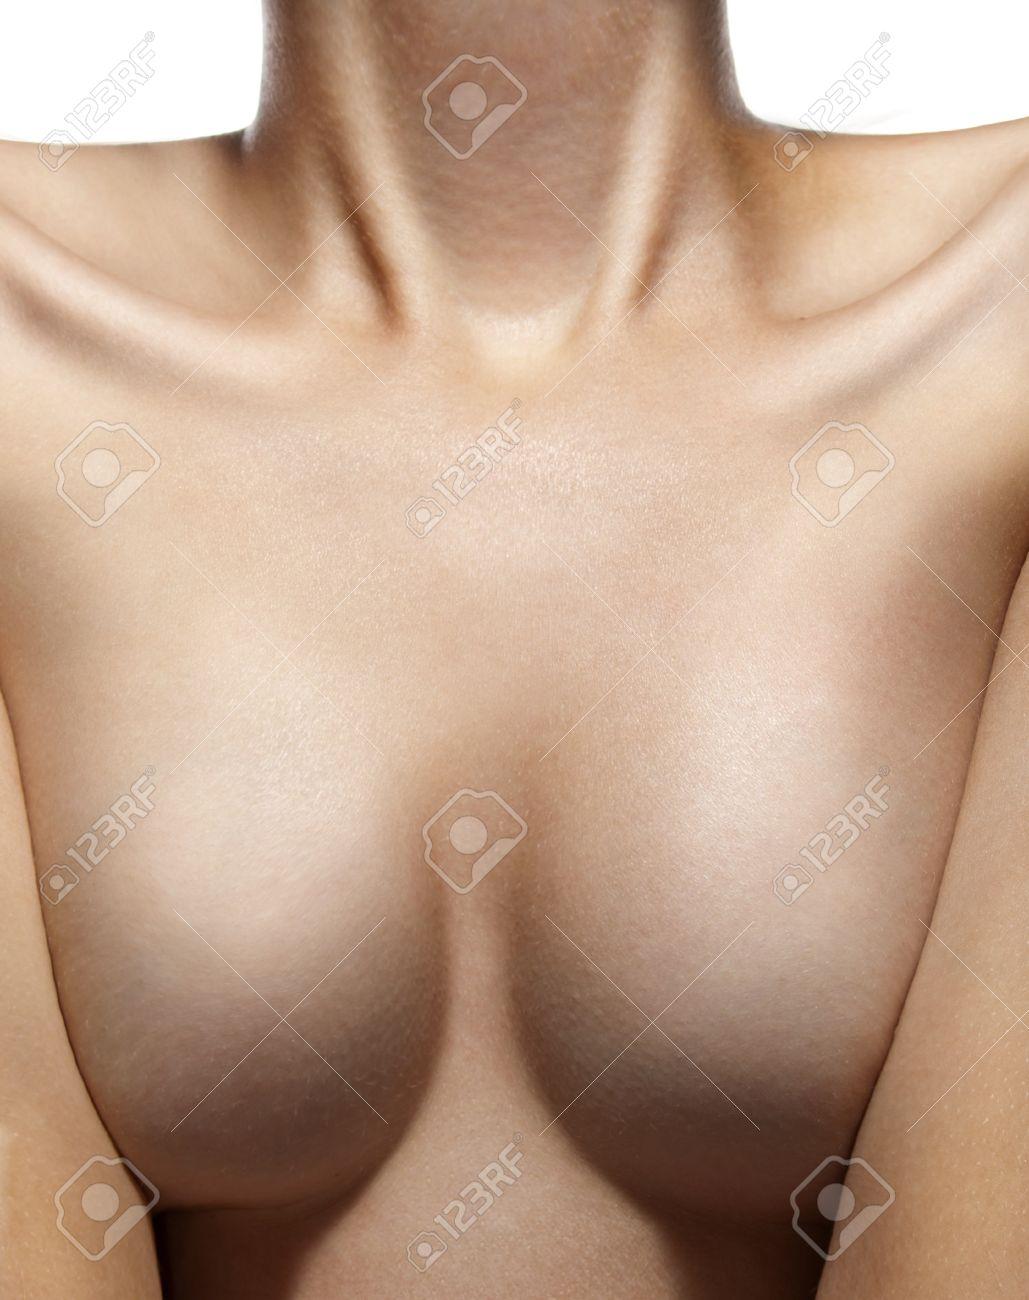 Tyra 5 women 10 vaginas